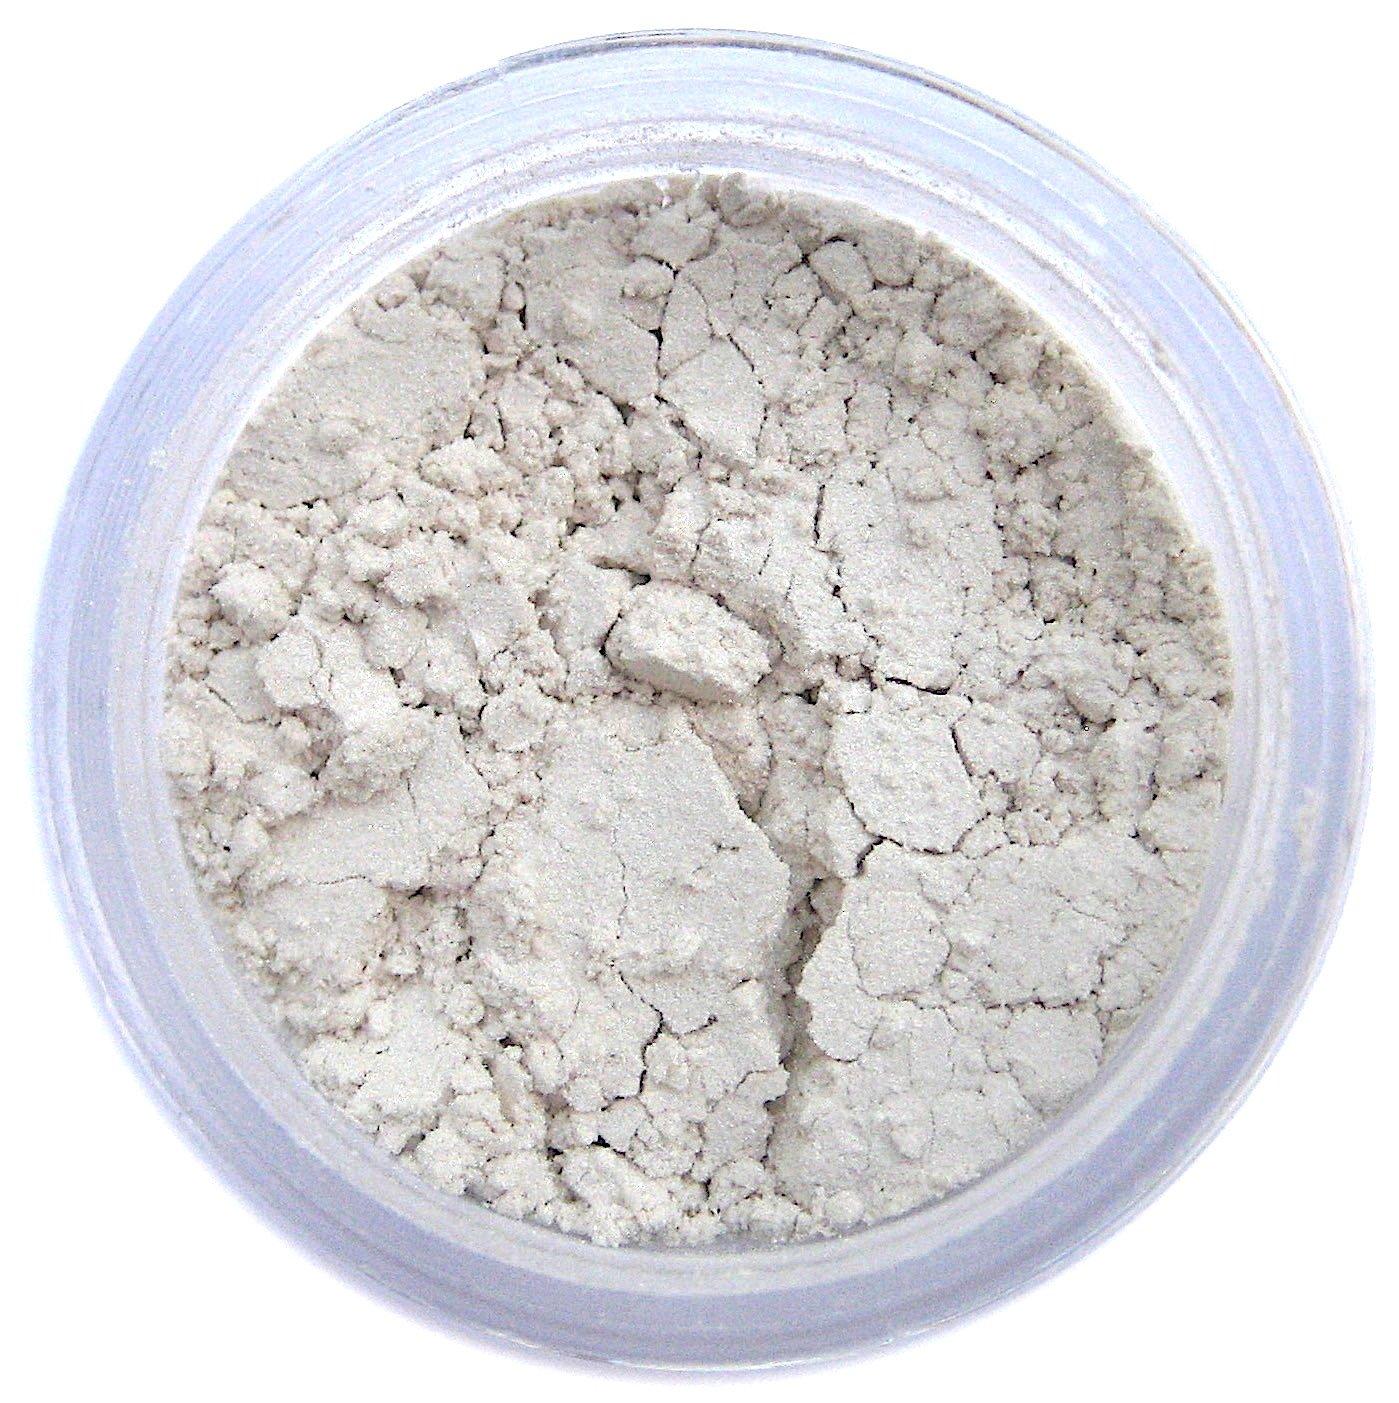 Silk White Edible Luster Dust   Edible Powder & Dust   Food Grade Luster Dust for Decorating, Fondant, Baking   Polvo Matizador   Cakes, Vegan Paint, & Dust   Sunflower Sugar Art